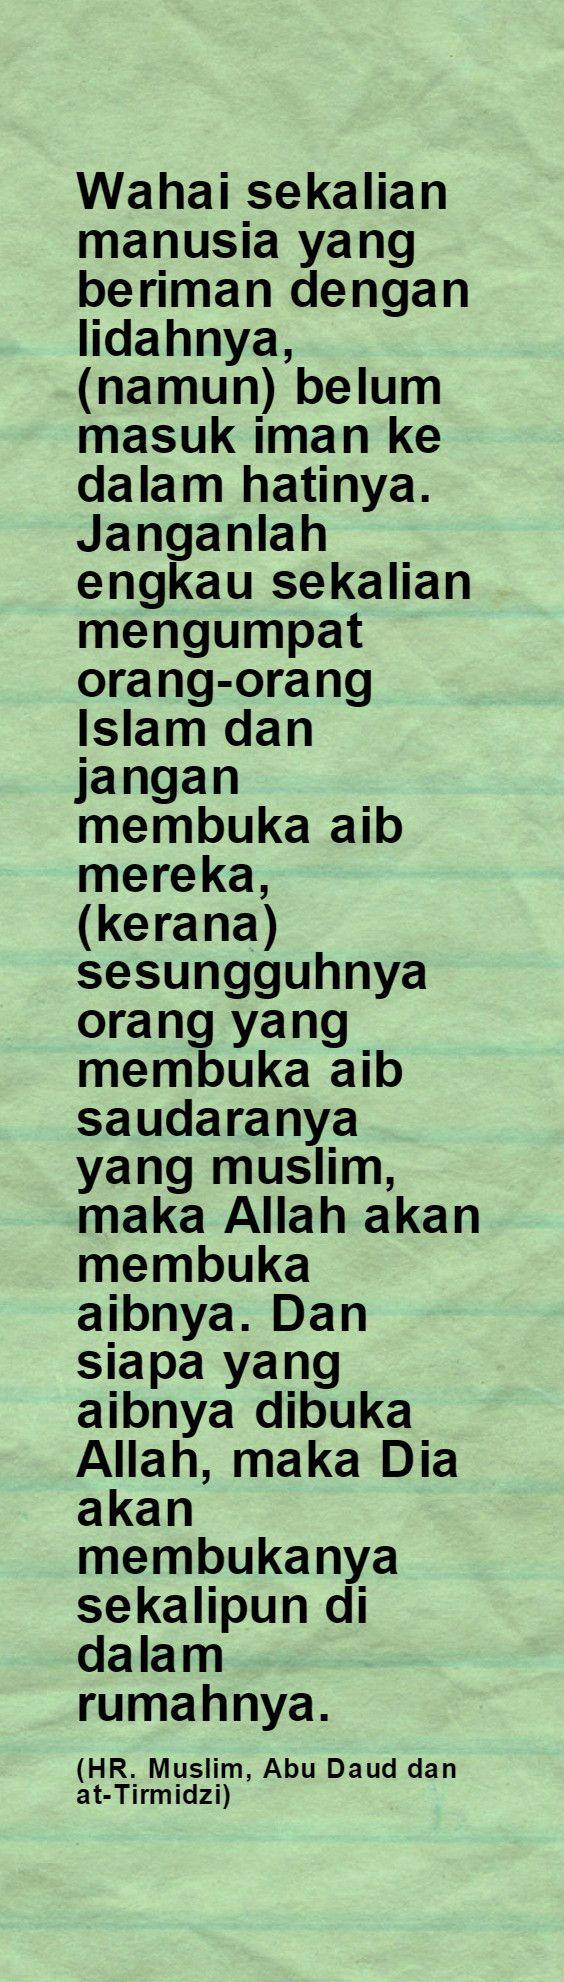 Wahai sekalian manusia yang beriman dengan lidahnya, (namun) belum masuk iman ke dalam hatinya. Janganlah engkau sekalian mengumpat orang-orang Islam dan jangan membuka aib mereka, (kerana) sesungguhnya orang yang membuka aib saudaranya yang muslim, maka Allah akan membuka aibnya. Dan siapa yang aibnya dibuka Allah, maka Dia akan membukanya sekalipun di dalam rumahnya.   (HR. Muslim, Abu Daud dan at-Tirmidzi)